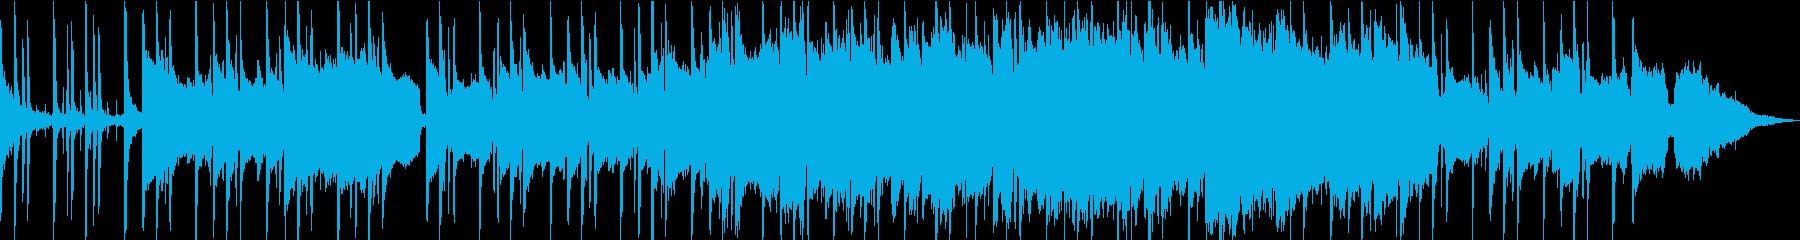 暗く深刻なアコースティックバラード...の再生済みの波形